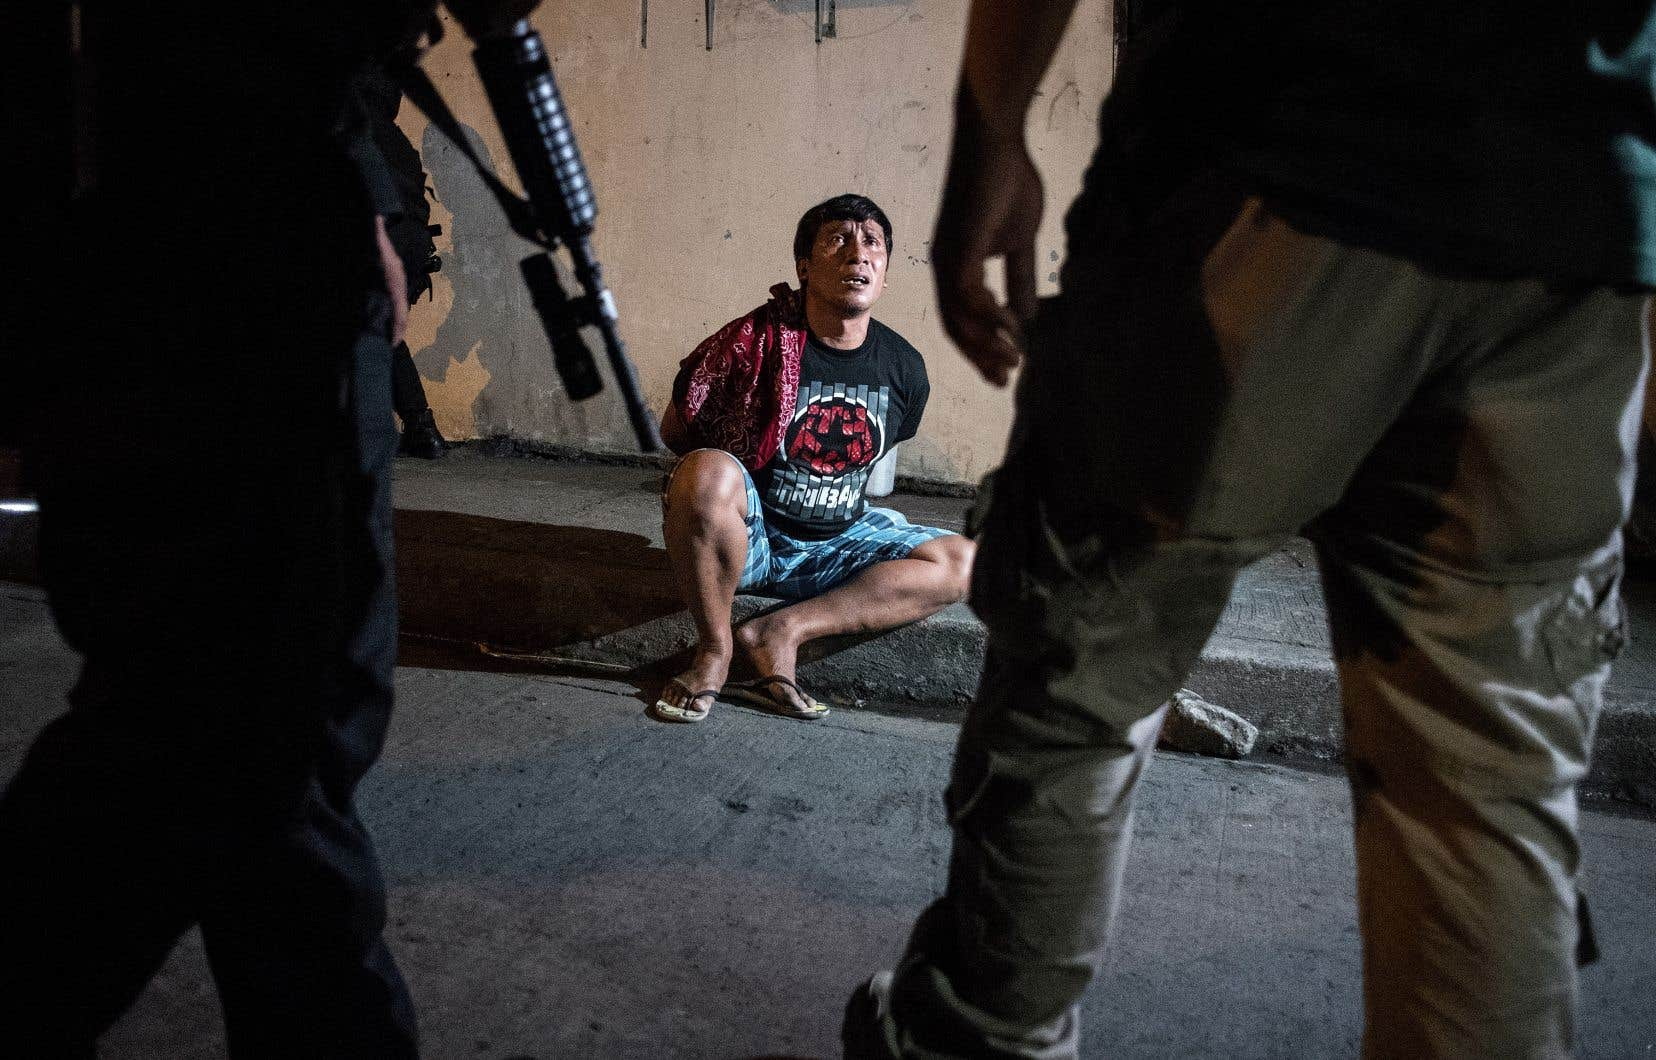 Rodrigo Duterte a été élu en 2016 après une campagne sécuritaire outrancière, promettant d'éradiquer le trafic de drogue en faisant abattre des dizaines de milliers de délinquants. Les derniers chiffres officiels, considérés comme sous-estimés, font état de plus de 6000 morts.